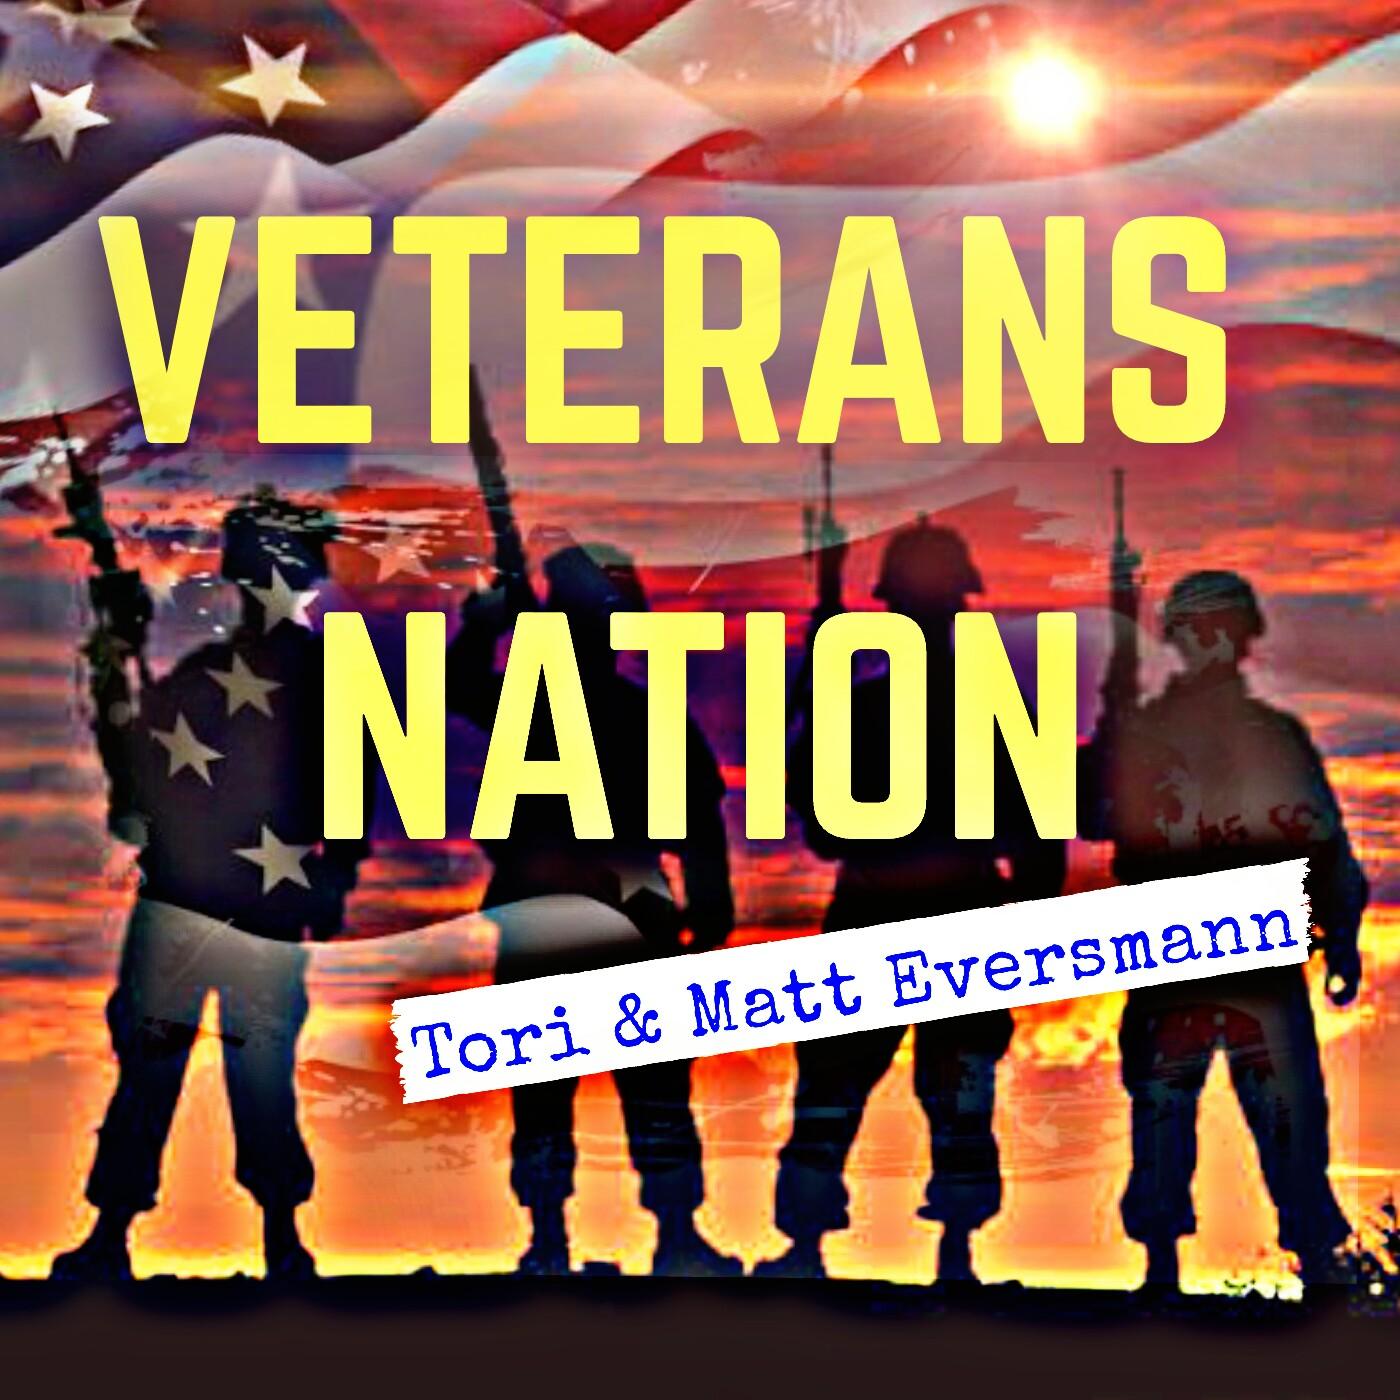 VeteransNation.jpeg